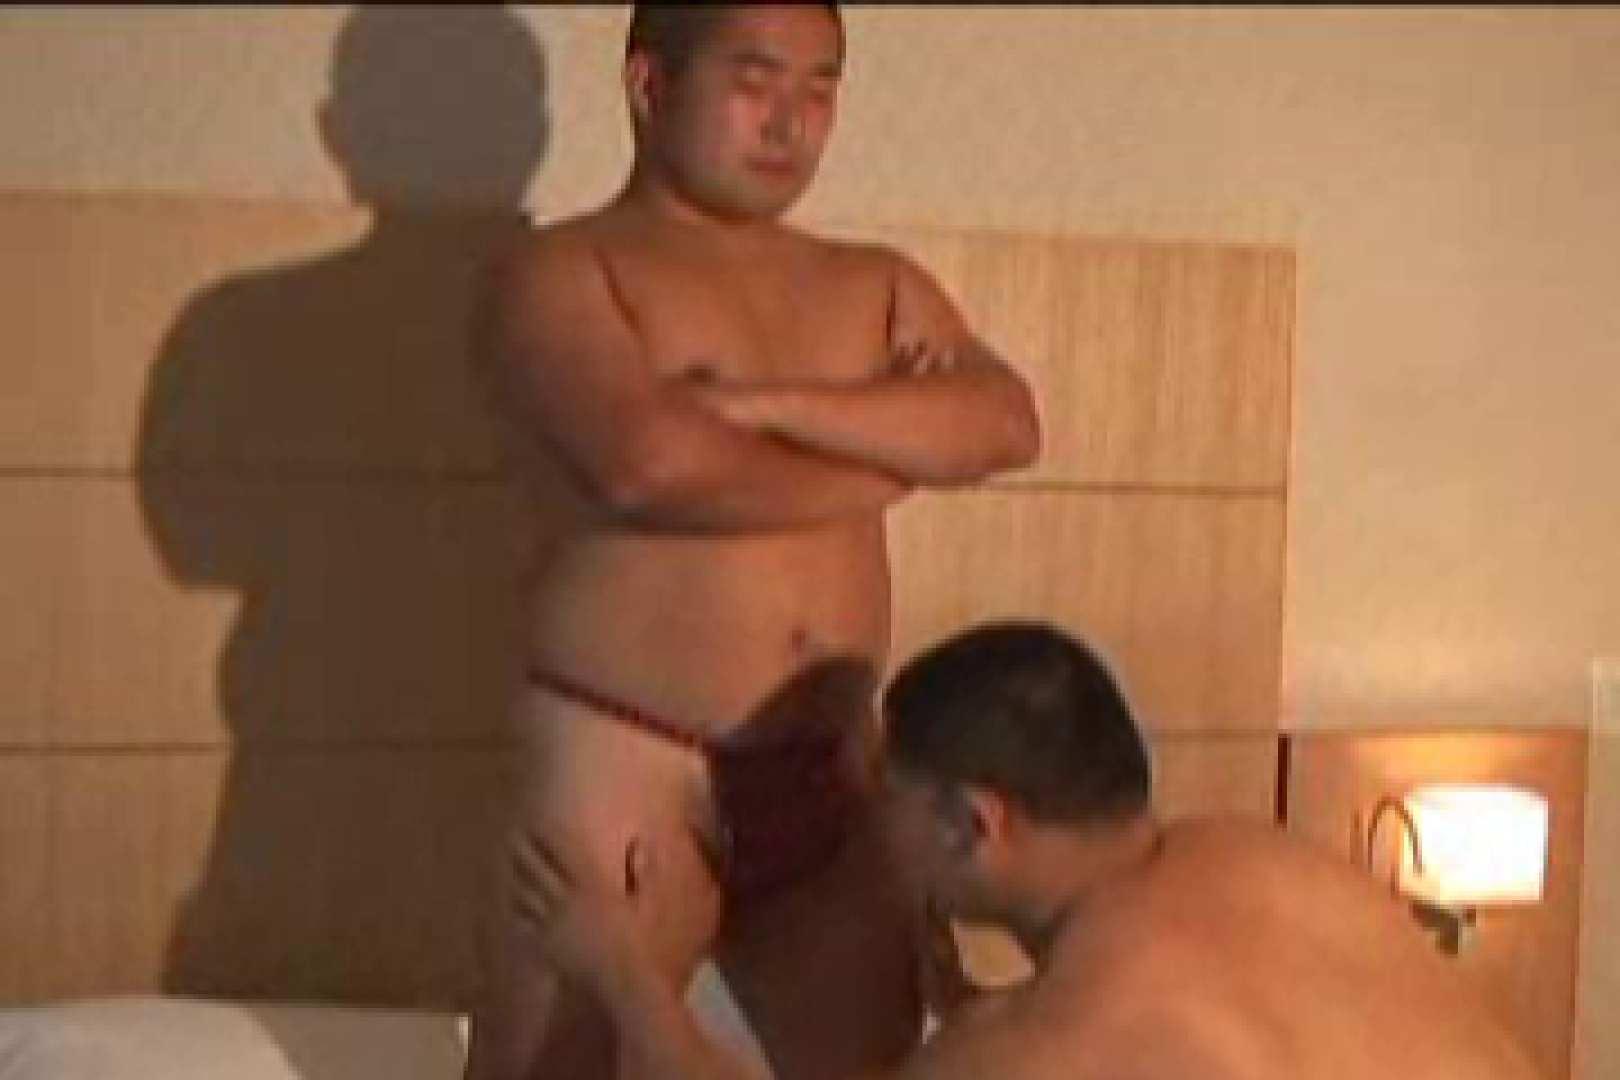 悶絶!!ケツマンFighters!! Part.02 ケツマン ゲイアダルトビデオ画像 95pic 36